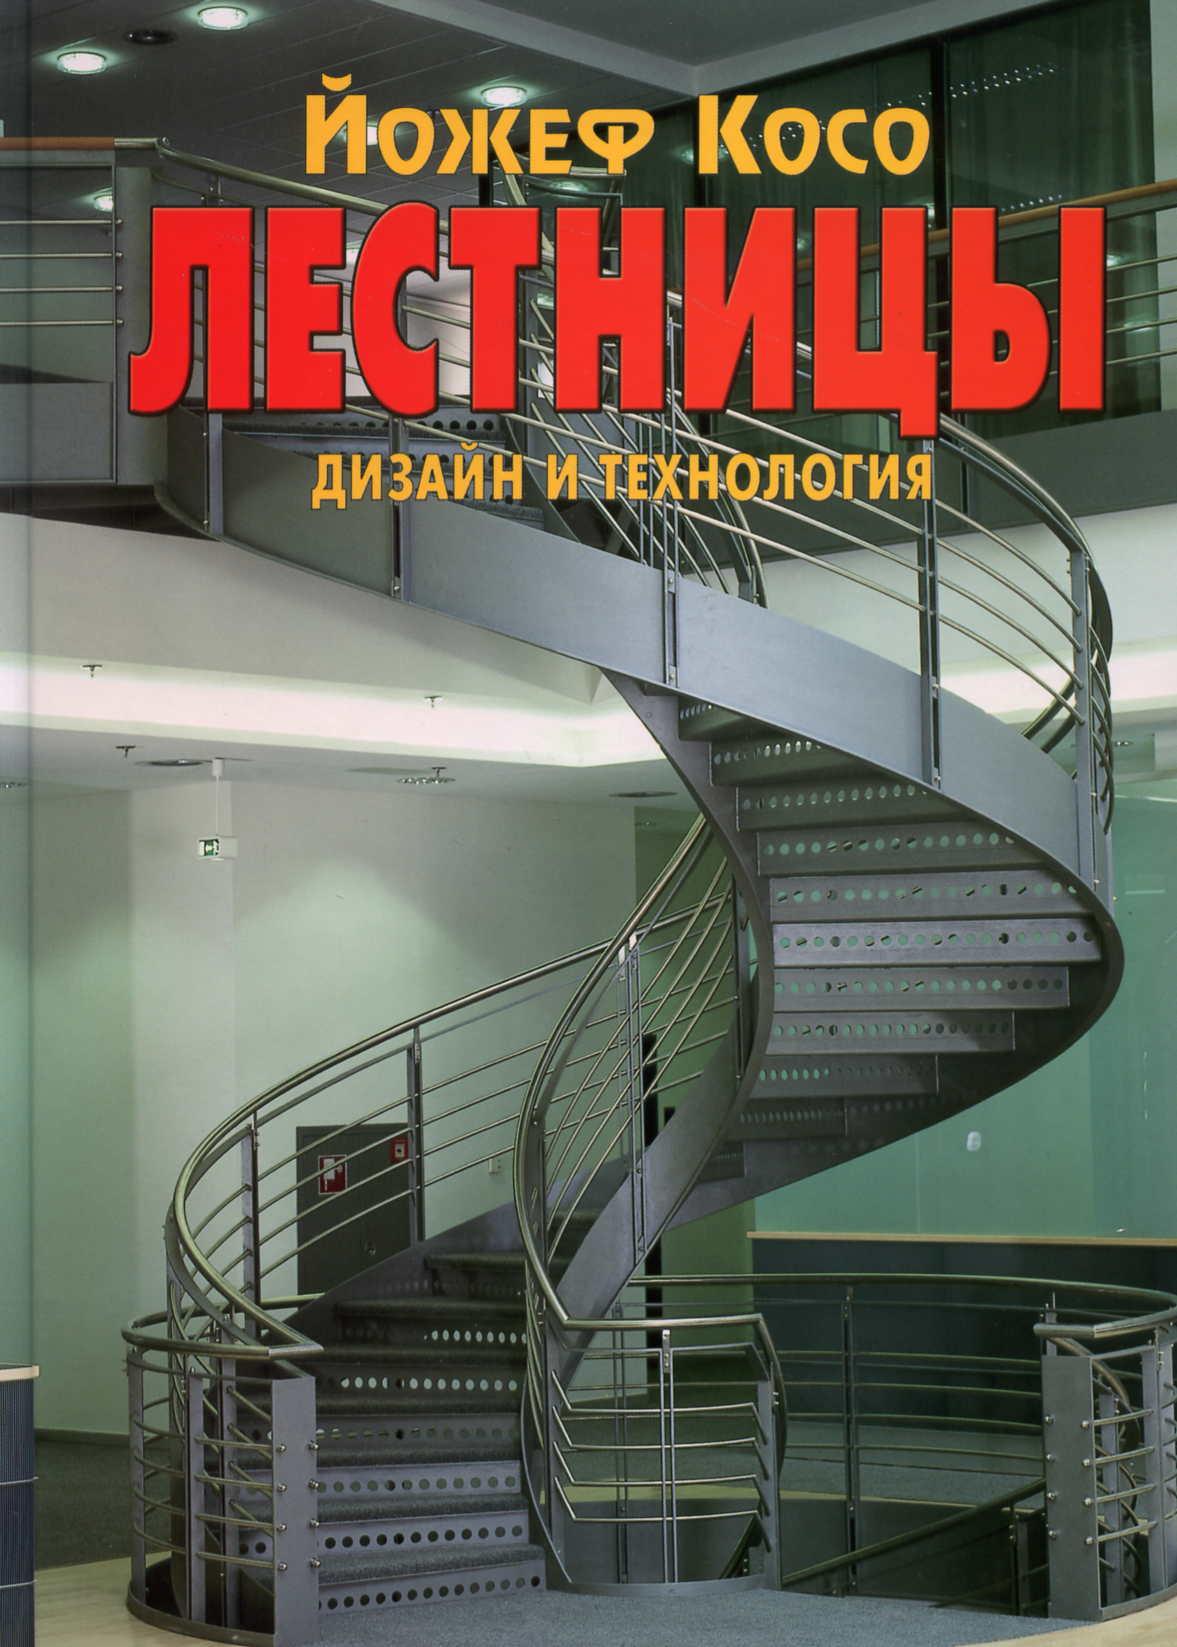 Лестницы. Дизайн и технология. Йожеф Косо